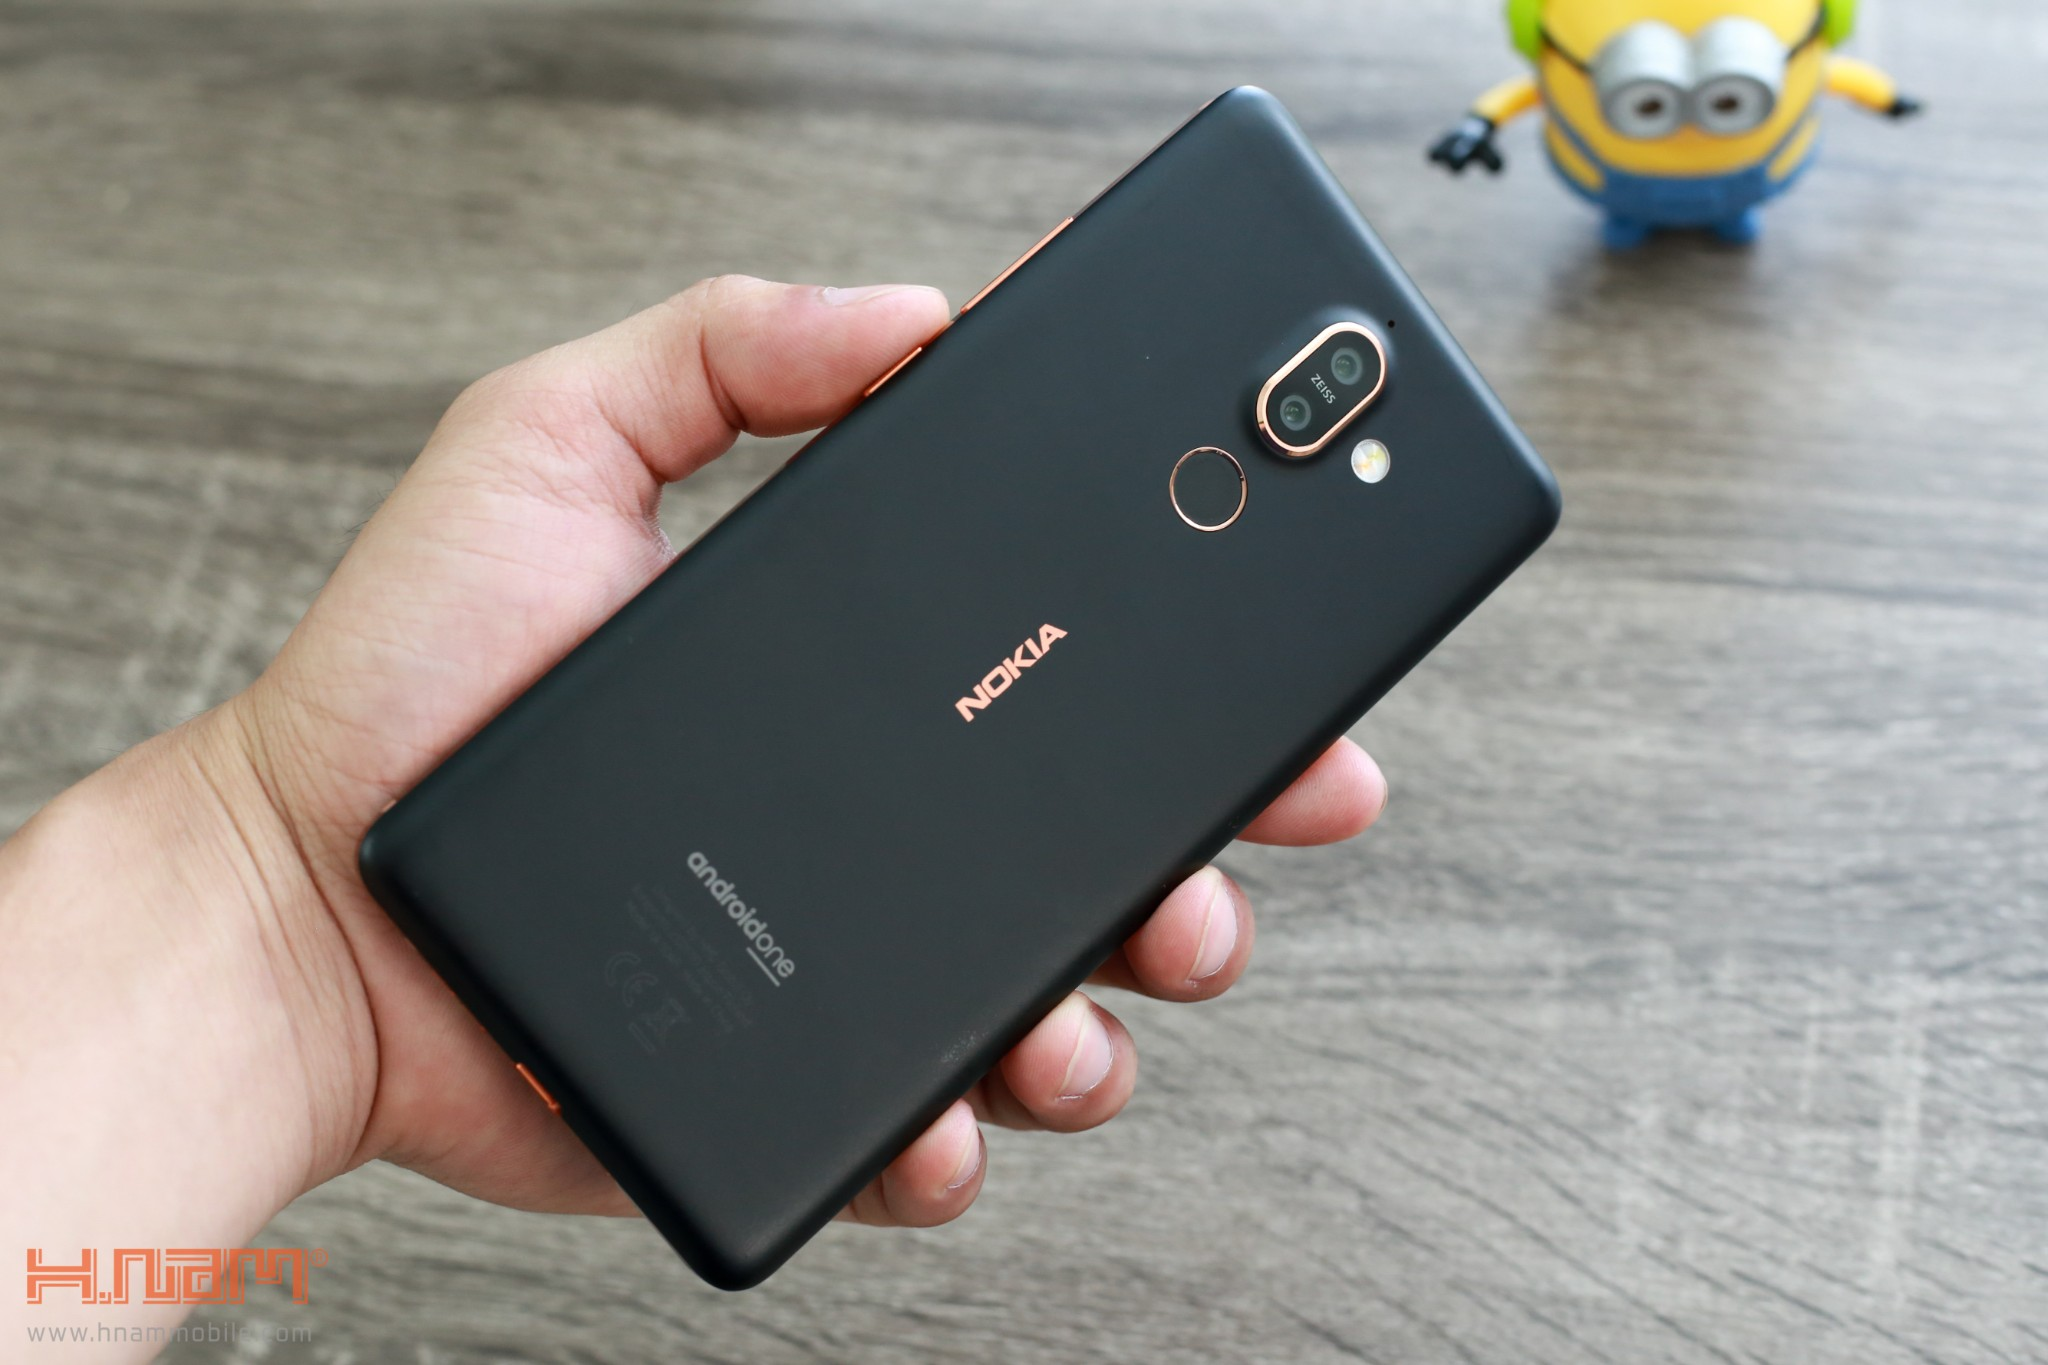 Trên tay Nokia 7 Plus: Smartphone Nokia đầu tiên có màn hình 18:9 hình 1